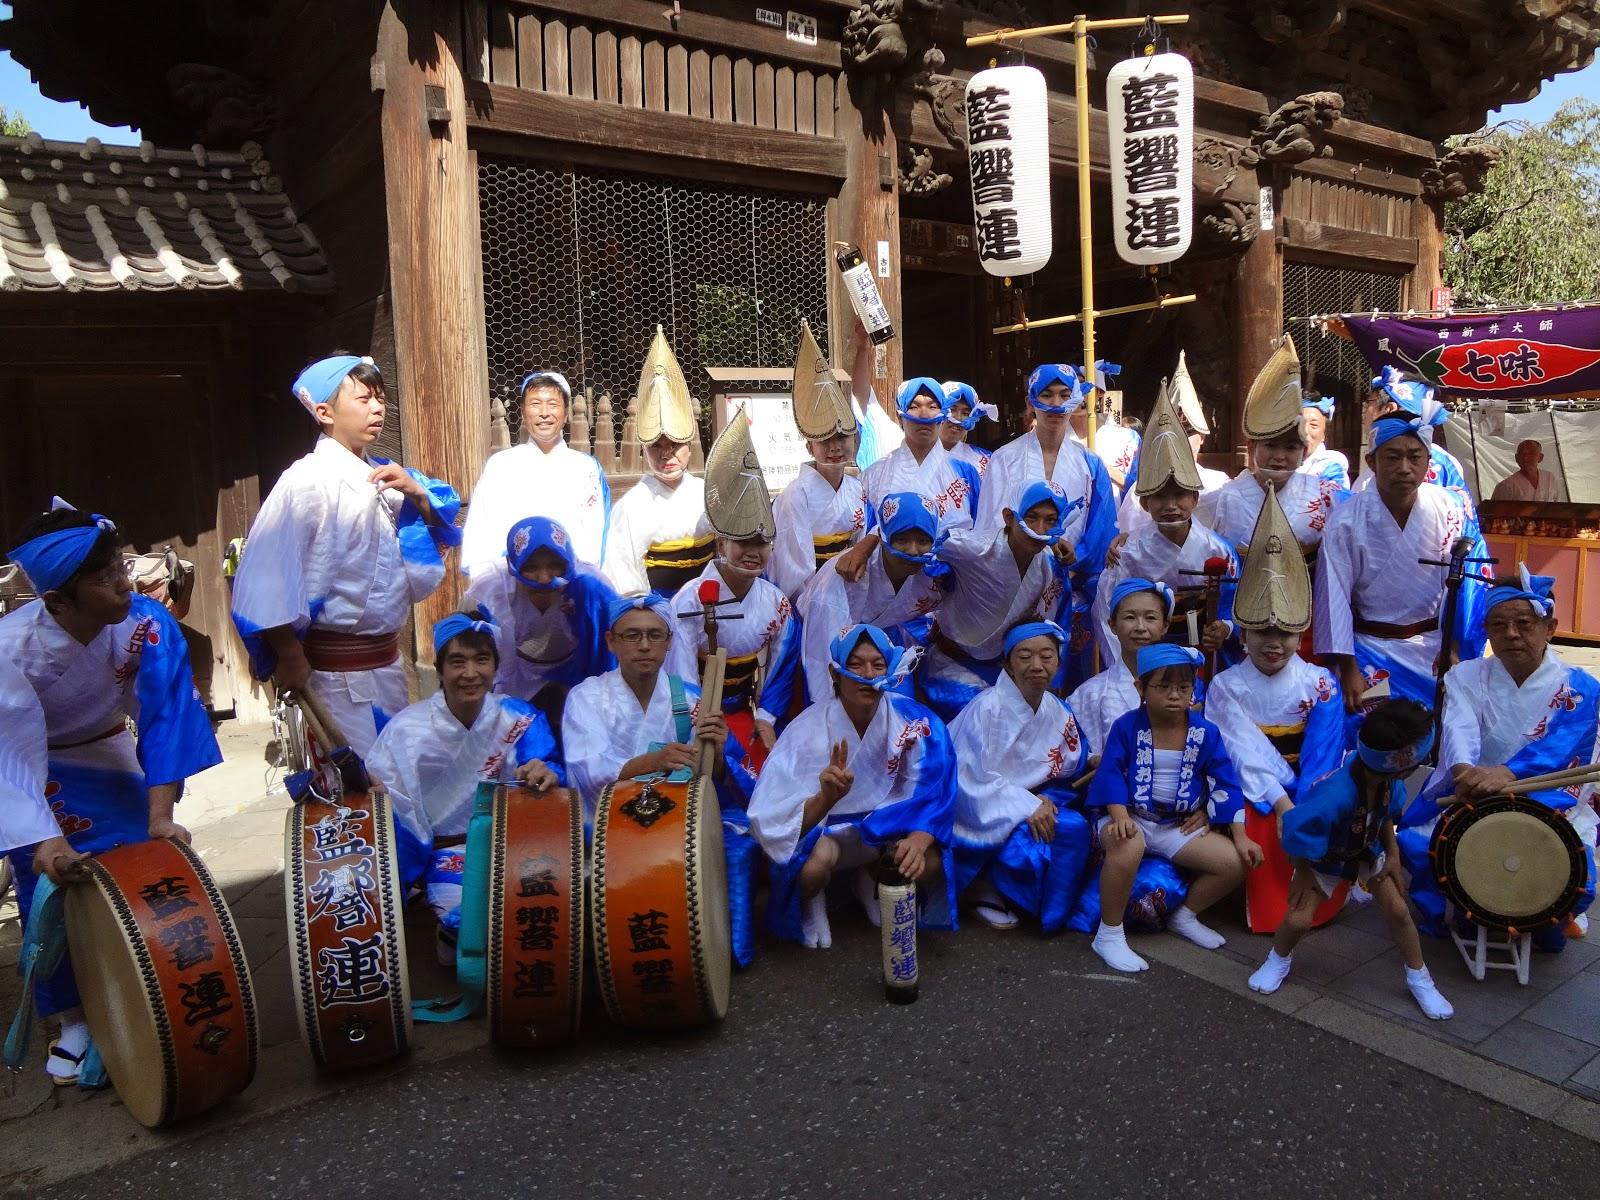 藍響連さん アーティスティクマーケットin大師 阿波踊り 商栄会様 提供